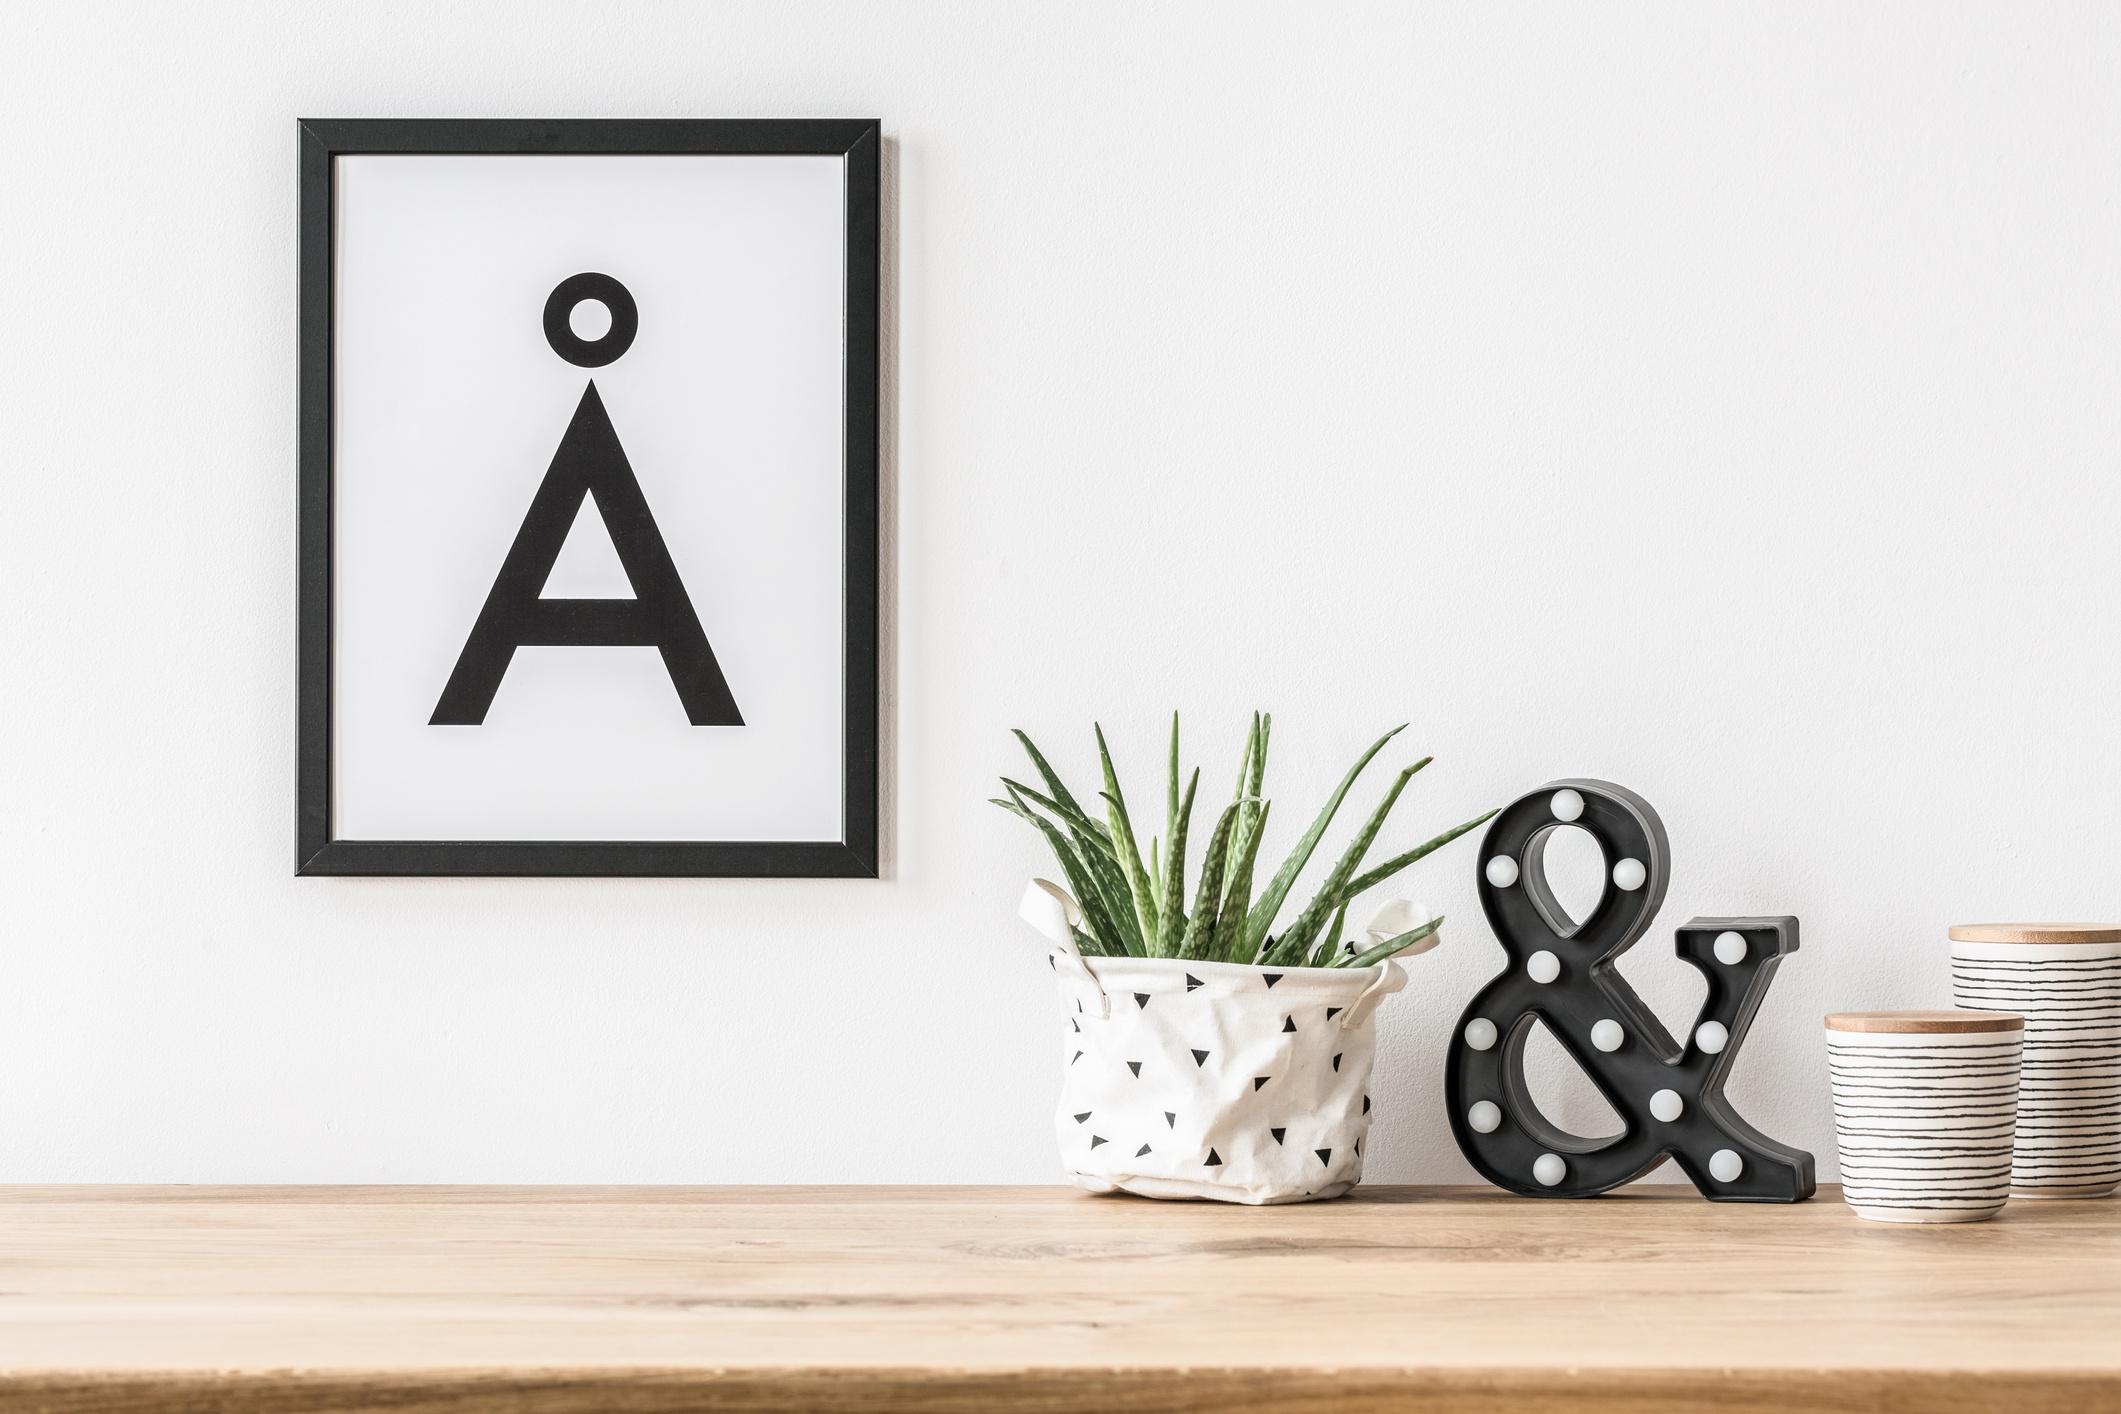 Dorm Room Design - Potted Plants